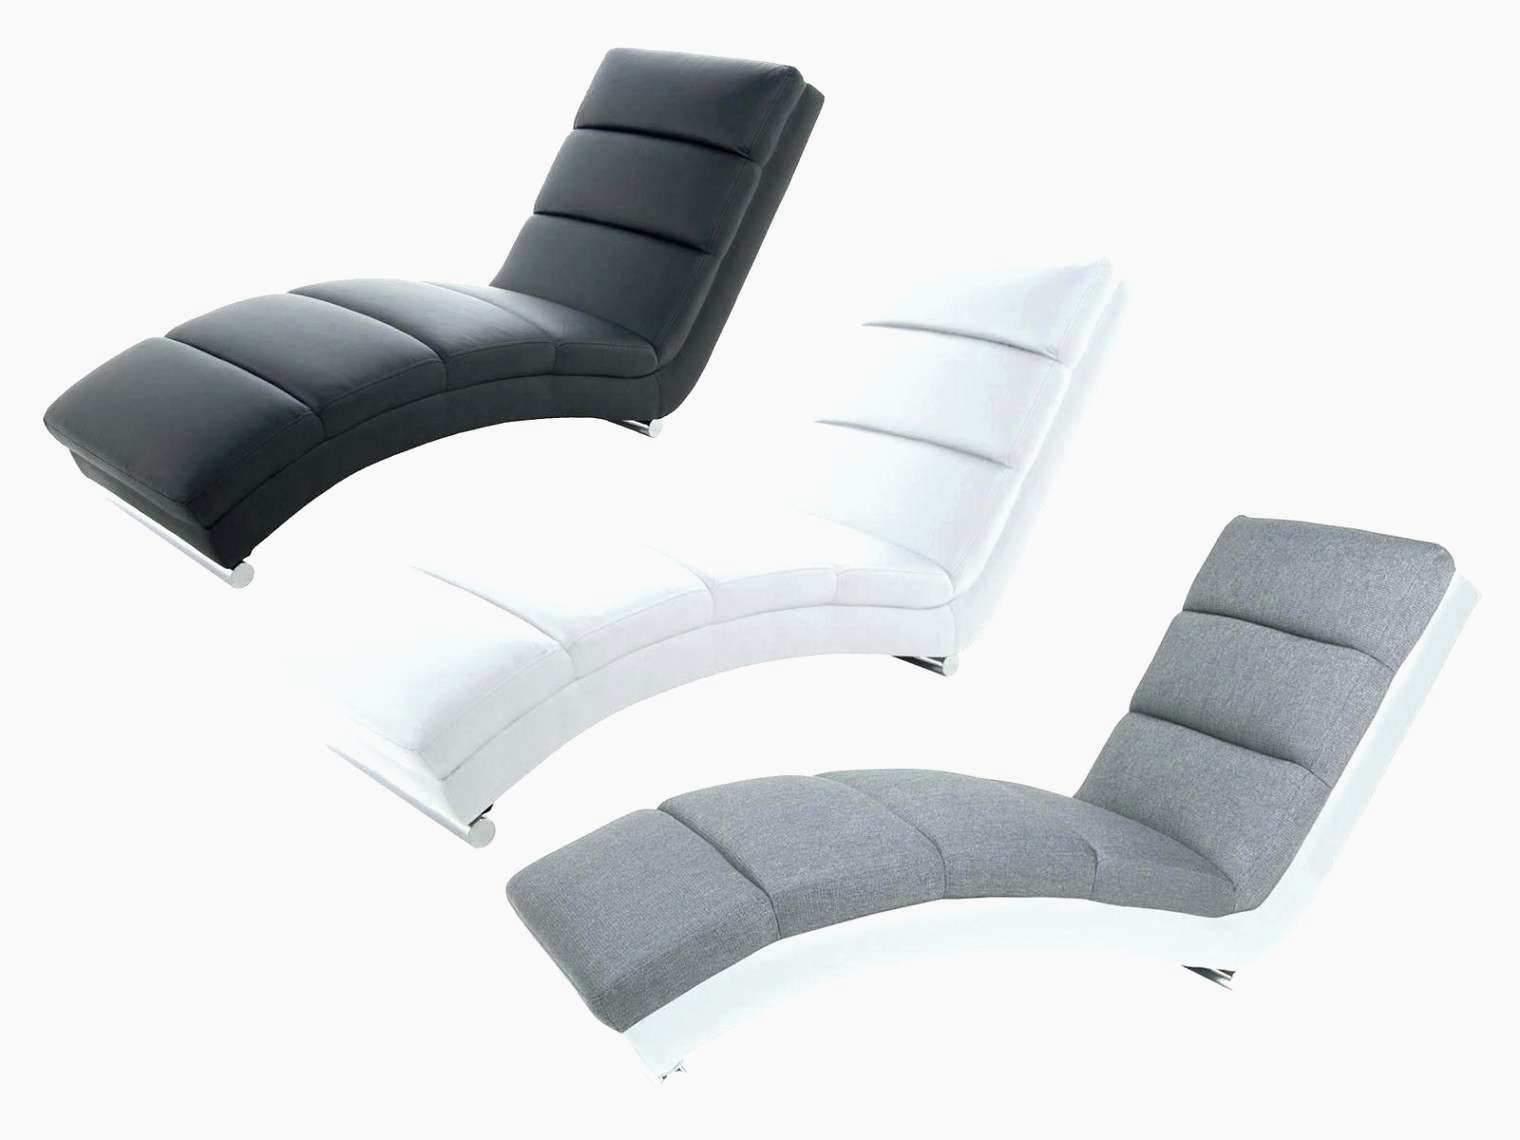 Full Size of Wohnzimmer Liegestuhl Ikea Designer Relax Einzigartig 25 Frisch Relaxliege Stehlampe Sofa Kleines Hängelampe Vitrine Weiß Decken Anbauwand Moderne Wohnzimmer Wohnzimmer Liegestuhl